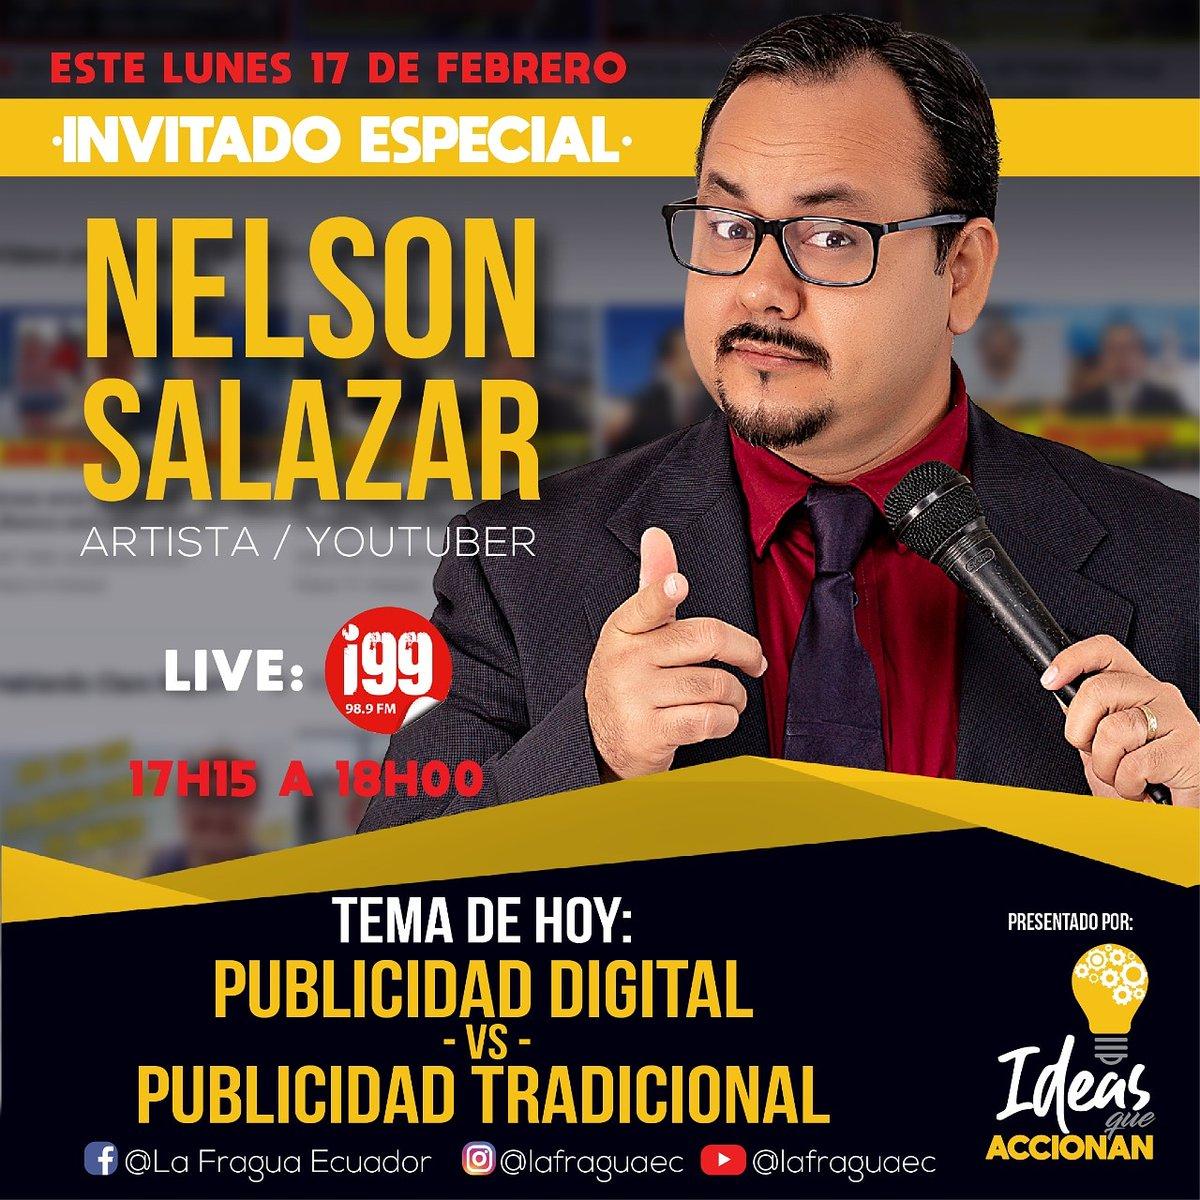 Para este lunes 17 de febrero desde las 17: 15 hasta las 18:00 por @radioi99 tendremos de invitado especial a @hcnelsonsalazar donde hablaremos sobre Publicidad digital vs Publicidad tradicional. #ideasqueaccionan  #ecuador #ecuadorprimero #guayaquil #guayaquileños #millenialspic.twitter.com/nyjQMiXoih